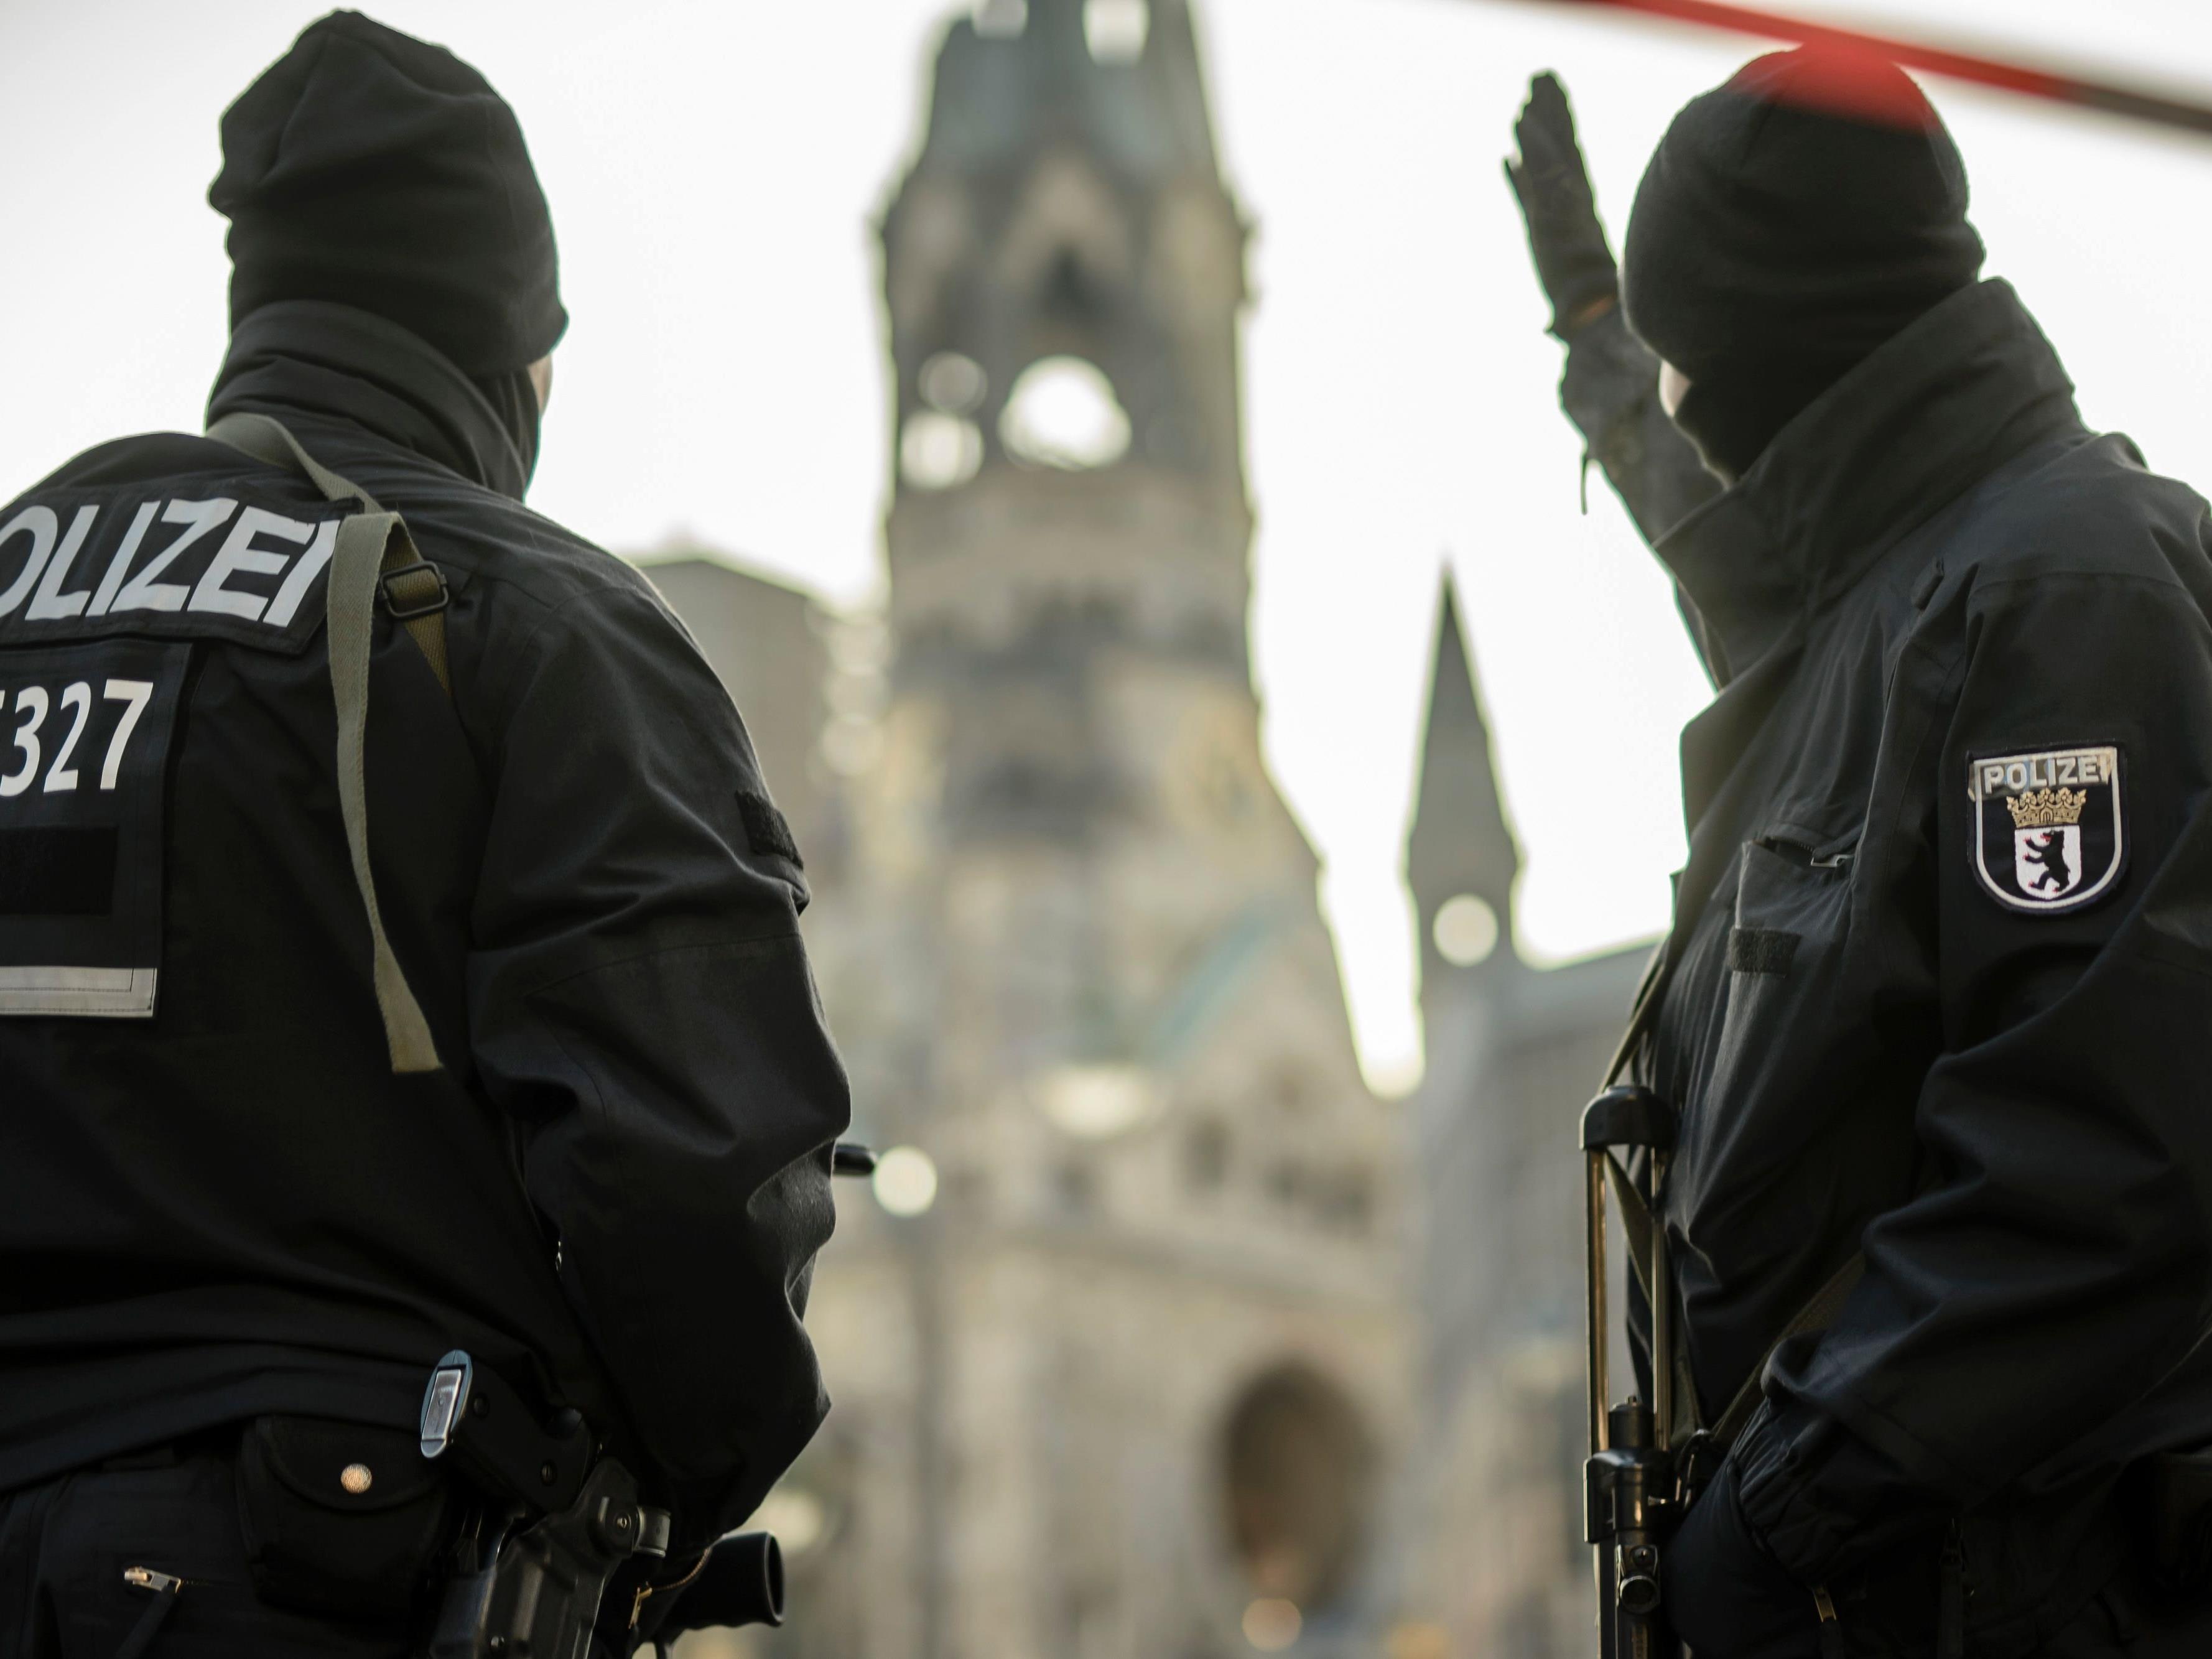 Die deutsche Polizei soll vier Personen festgenommen haben.